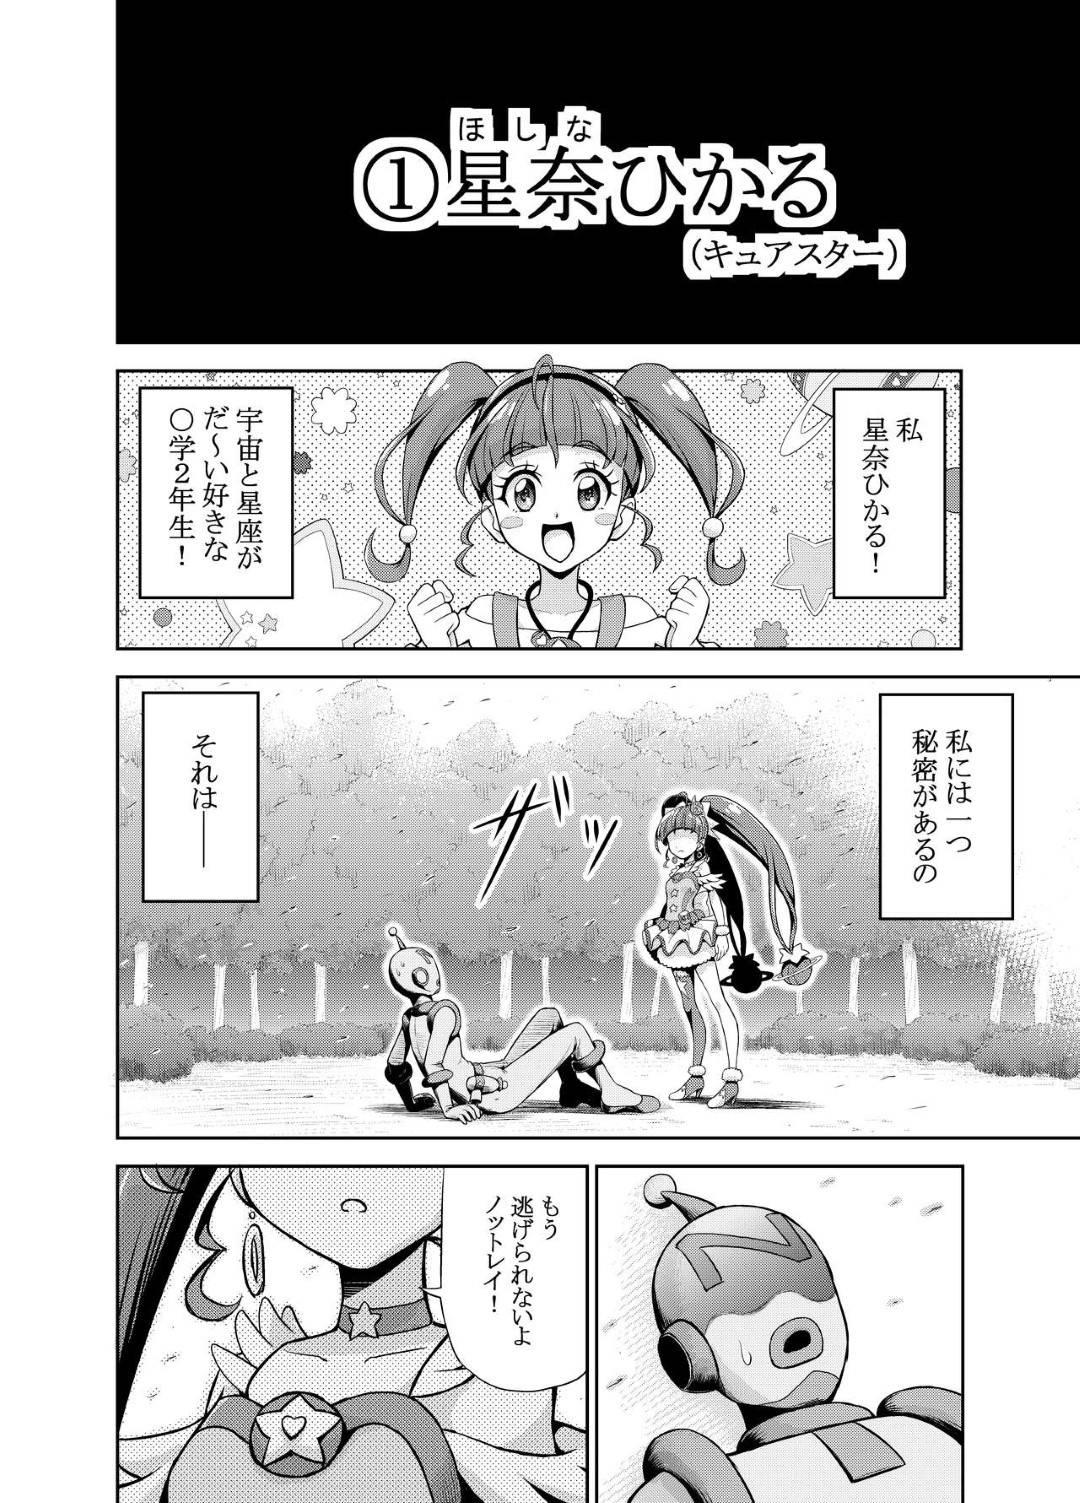 【スター☆トゥインクルプリキュアエロ漫画】敵に催眠術をかけられた、プリキュアのひかるは、ザーメンミルクを飲むために敵にフェラ。さらにチンポに跨り腰を振ると催眠が解けるも雌奴隷にされ堕とされる【コーアン】